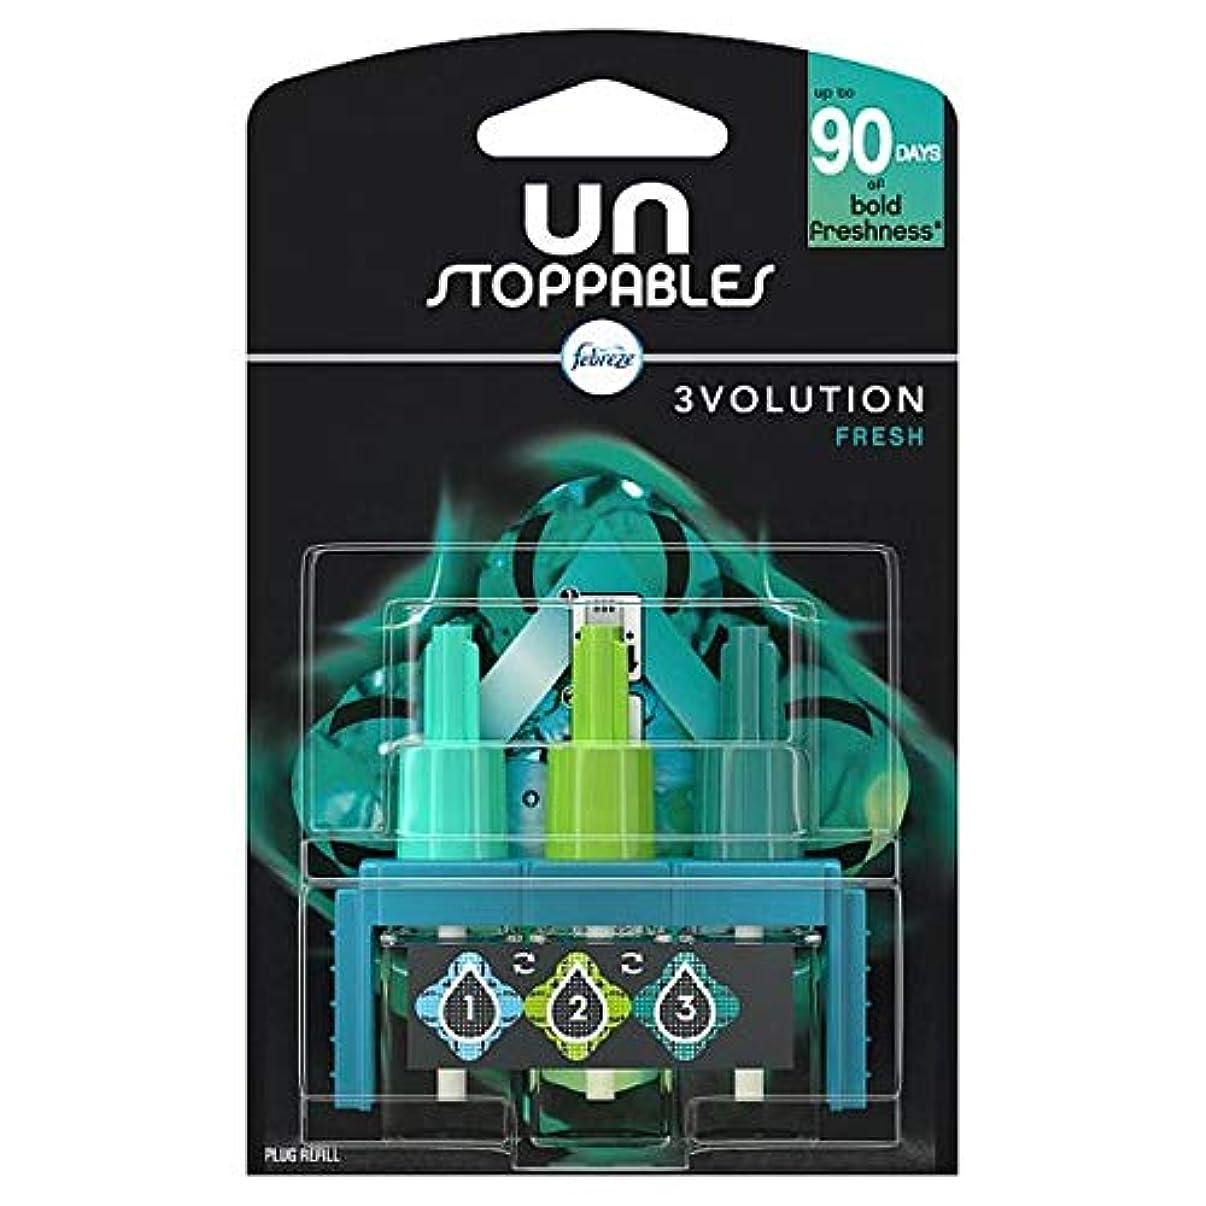 船上プロフィールスポーツの試合を担当している人[Febreze] リフィル20ミリリットルでUnstoppables 3Volution新鮮なプラグイン - Unstoppables 3Volution Fresh Plug In Refill 20Ml [並行輸入品]